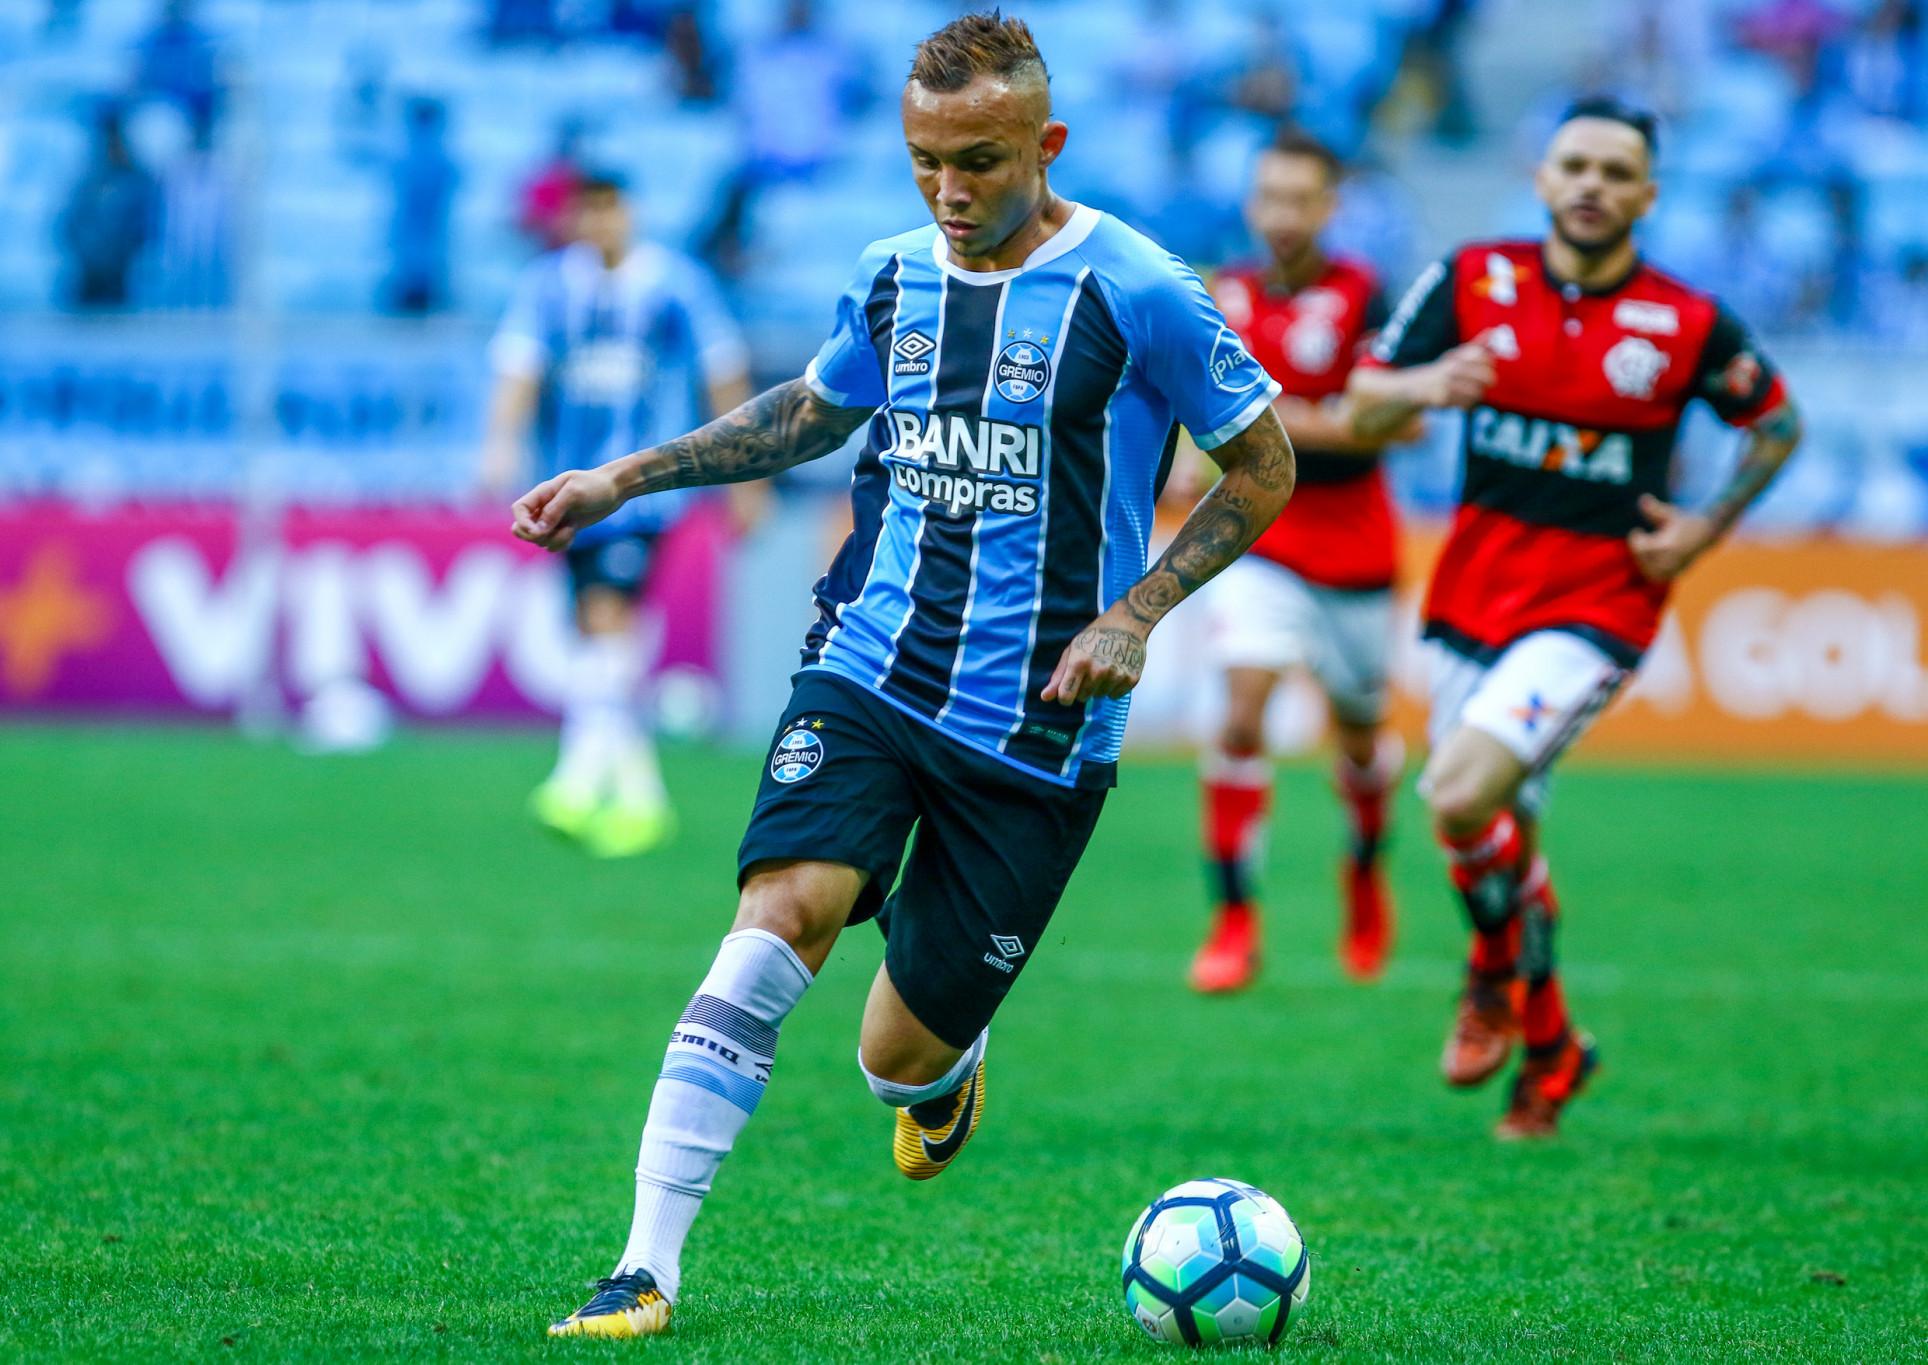 lg noticias gra mio enfrenta o flamengo nas quartas de final da copa do brasil 21260 - Grêmio e Flamengo jogam na Arena pela Copa do Brasil 2018